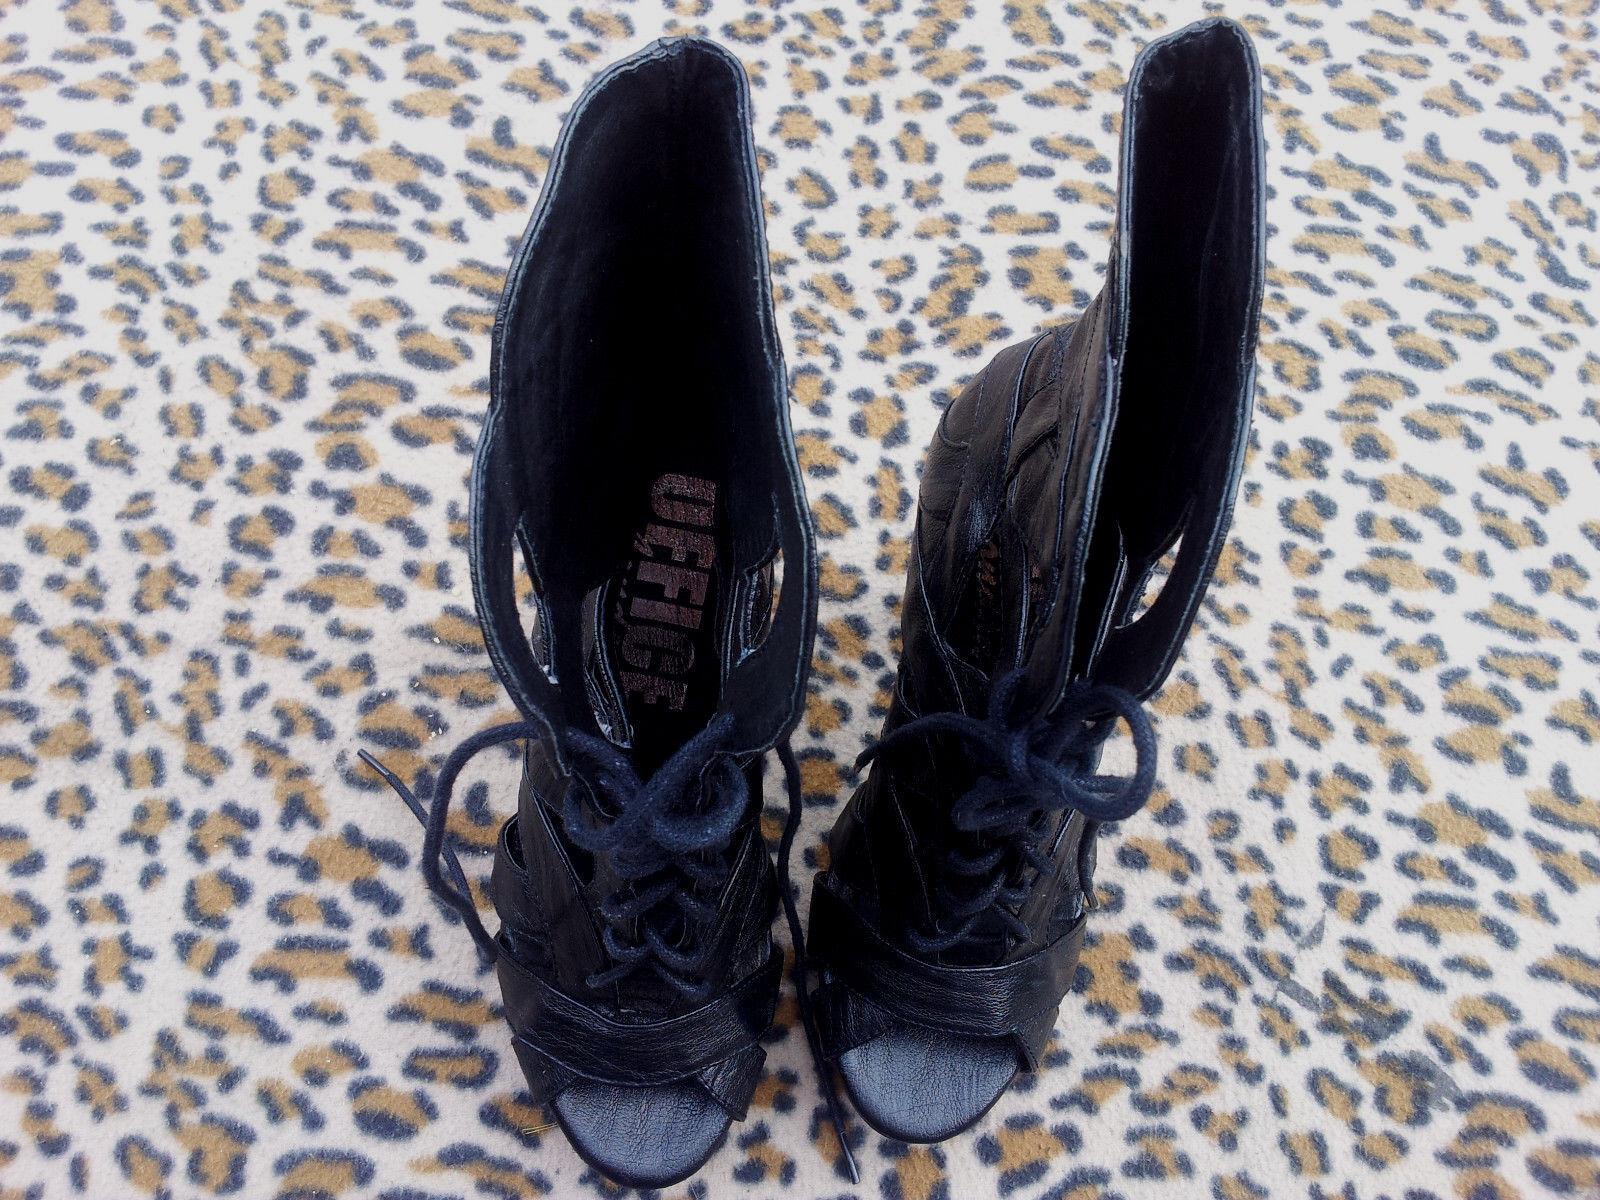 Office of London schwarz high high high heeled lace up peep toe platform schuhe UK 5 EU 38 deac4f